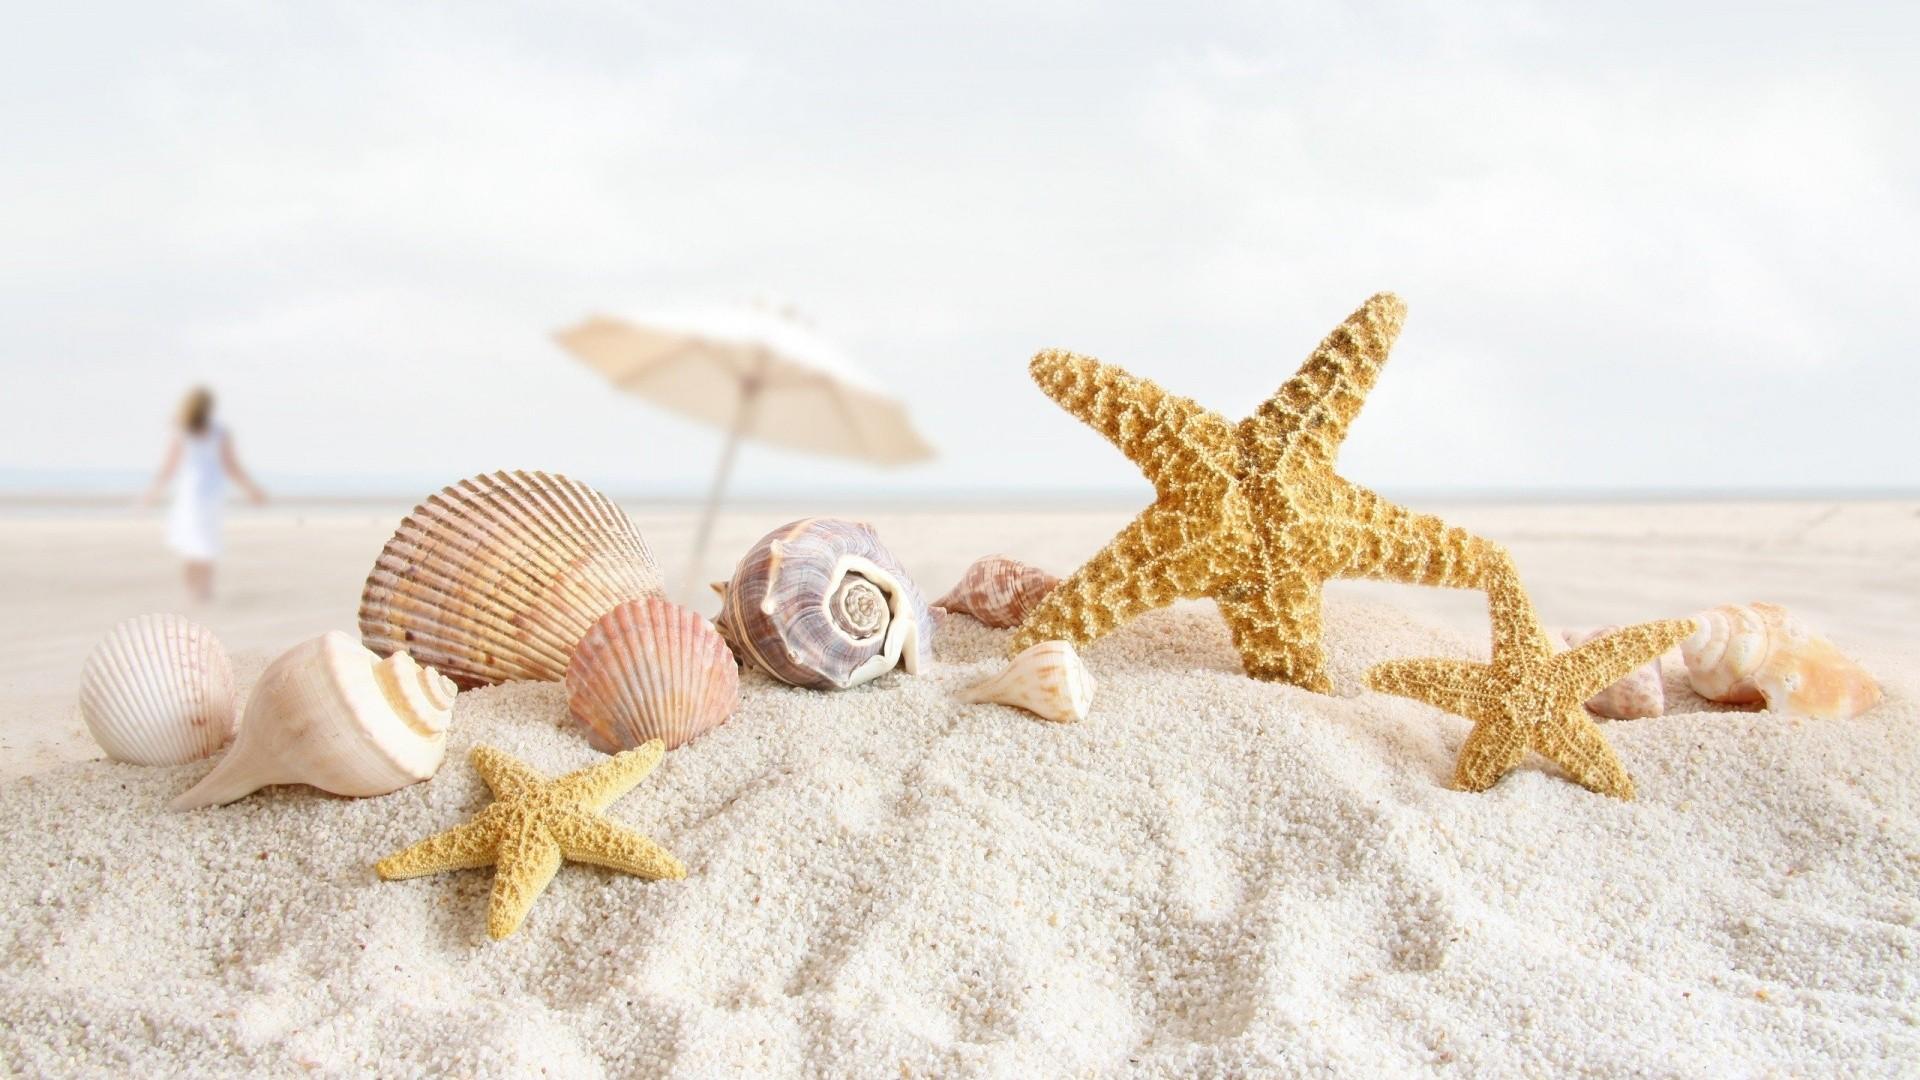 Seashell Image